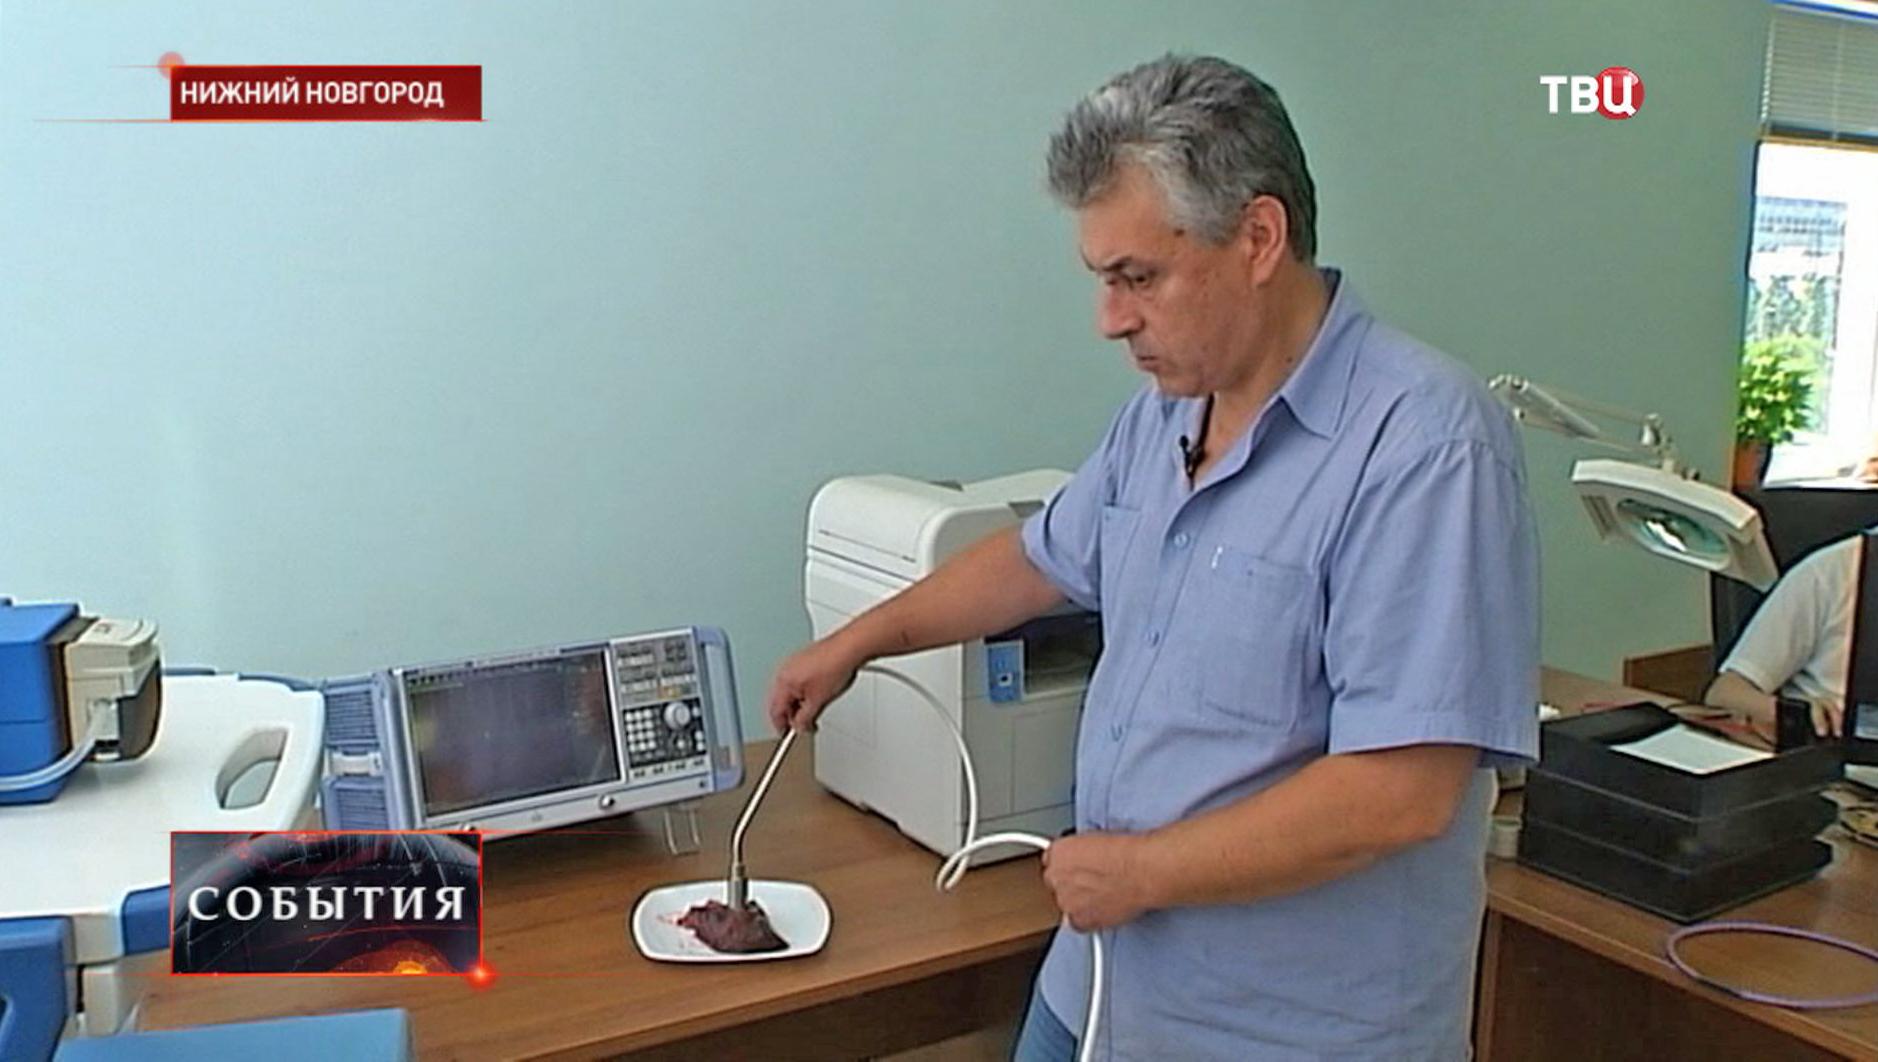 Врач демонстрирует новый многофункциональный комплекс для операций